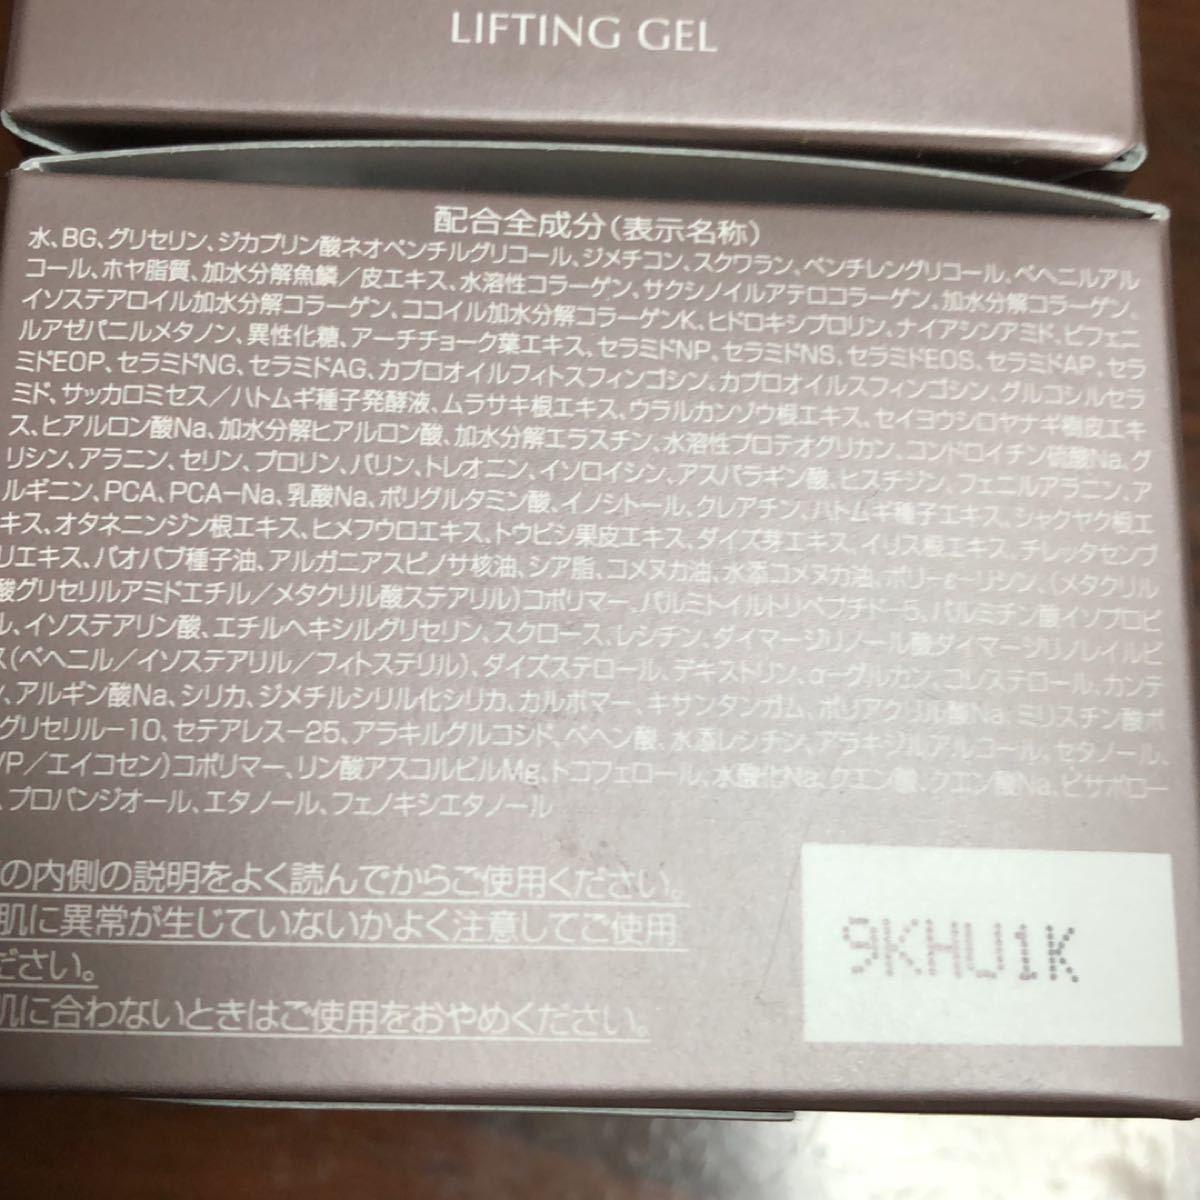 パーフェクトワン リフティングジェル 50g / 新日本製薬 / オールインワンジェル オールインワンゲル